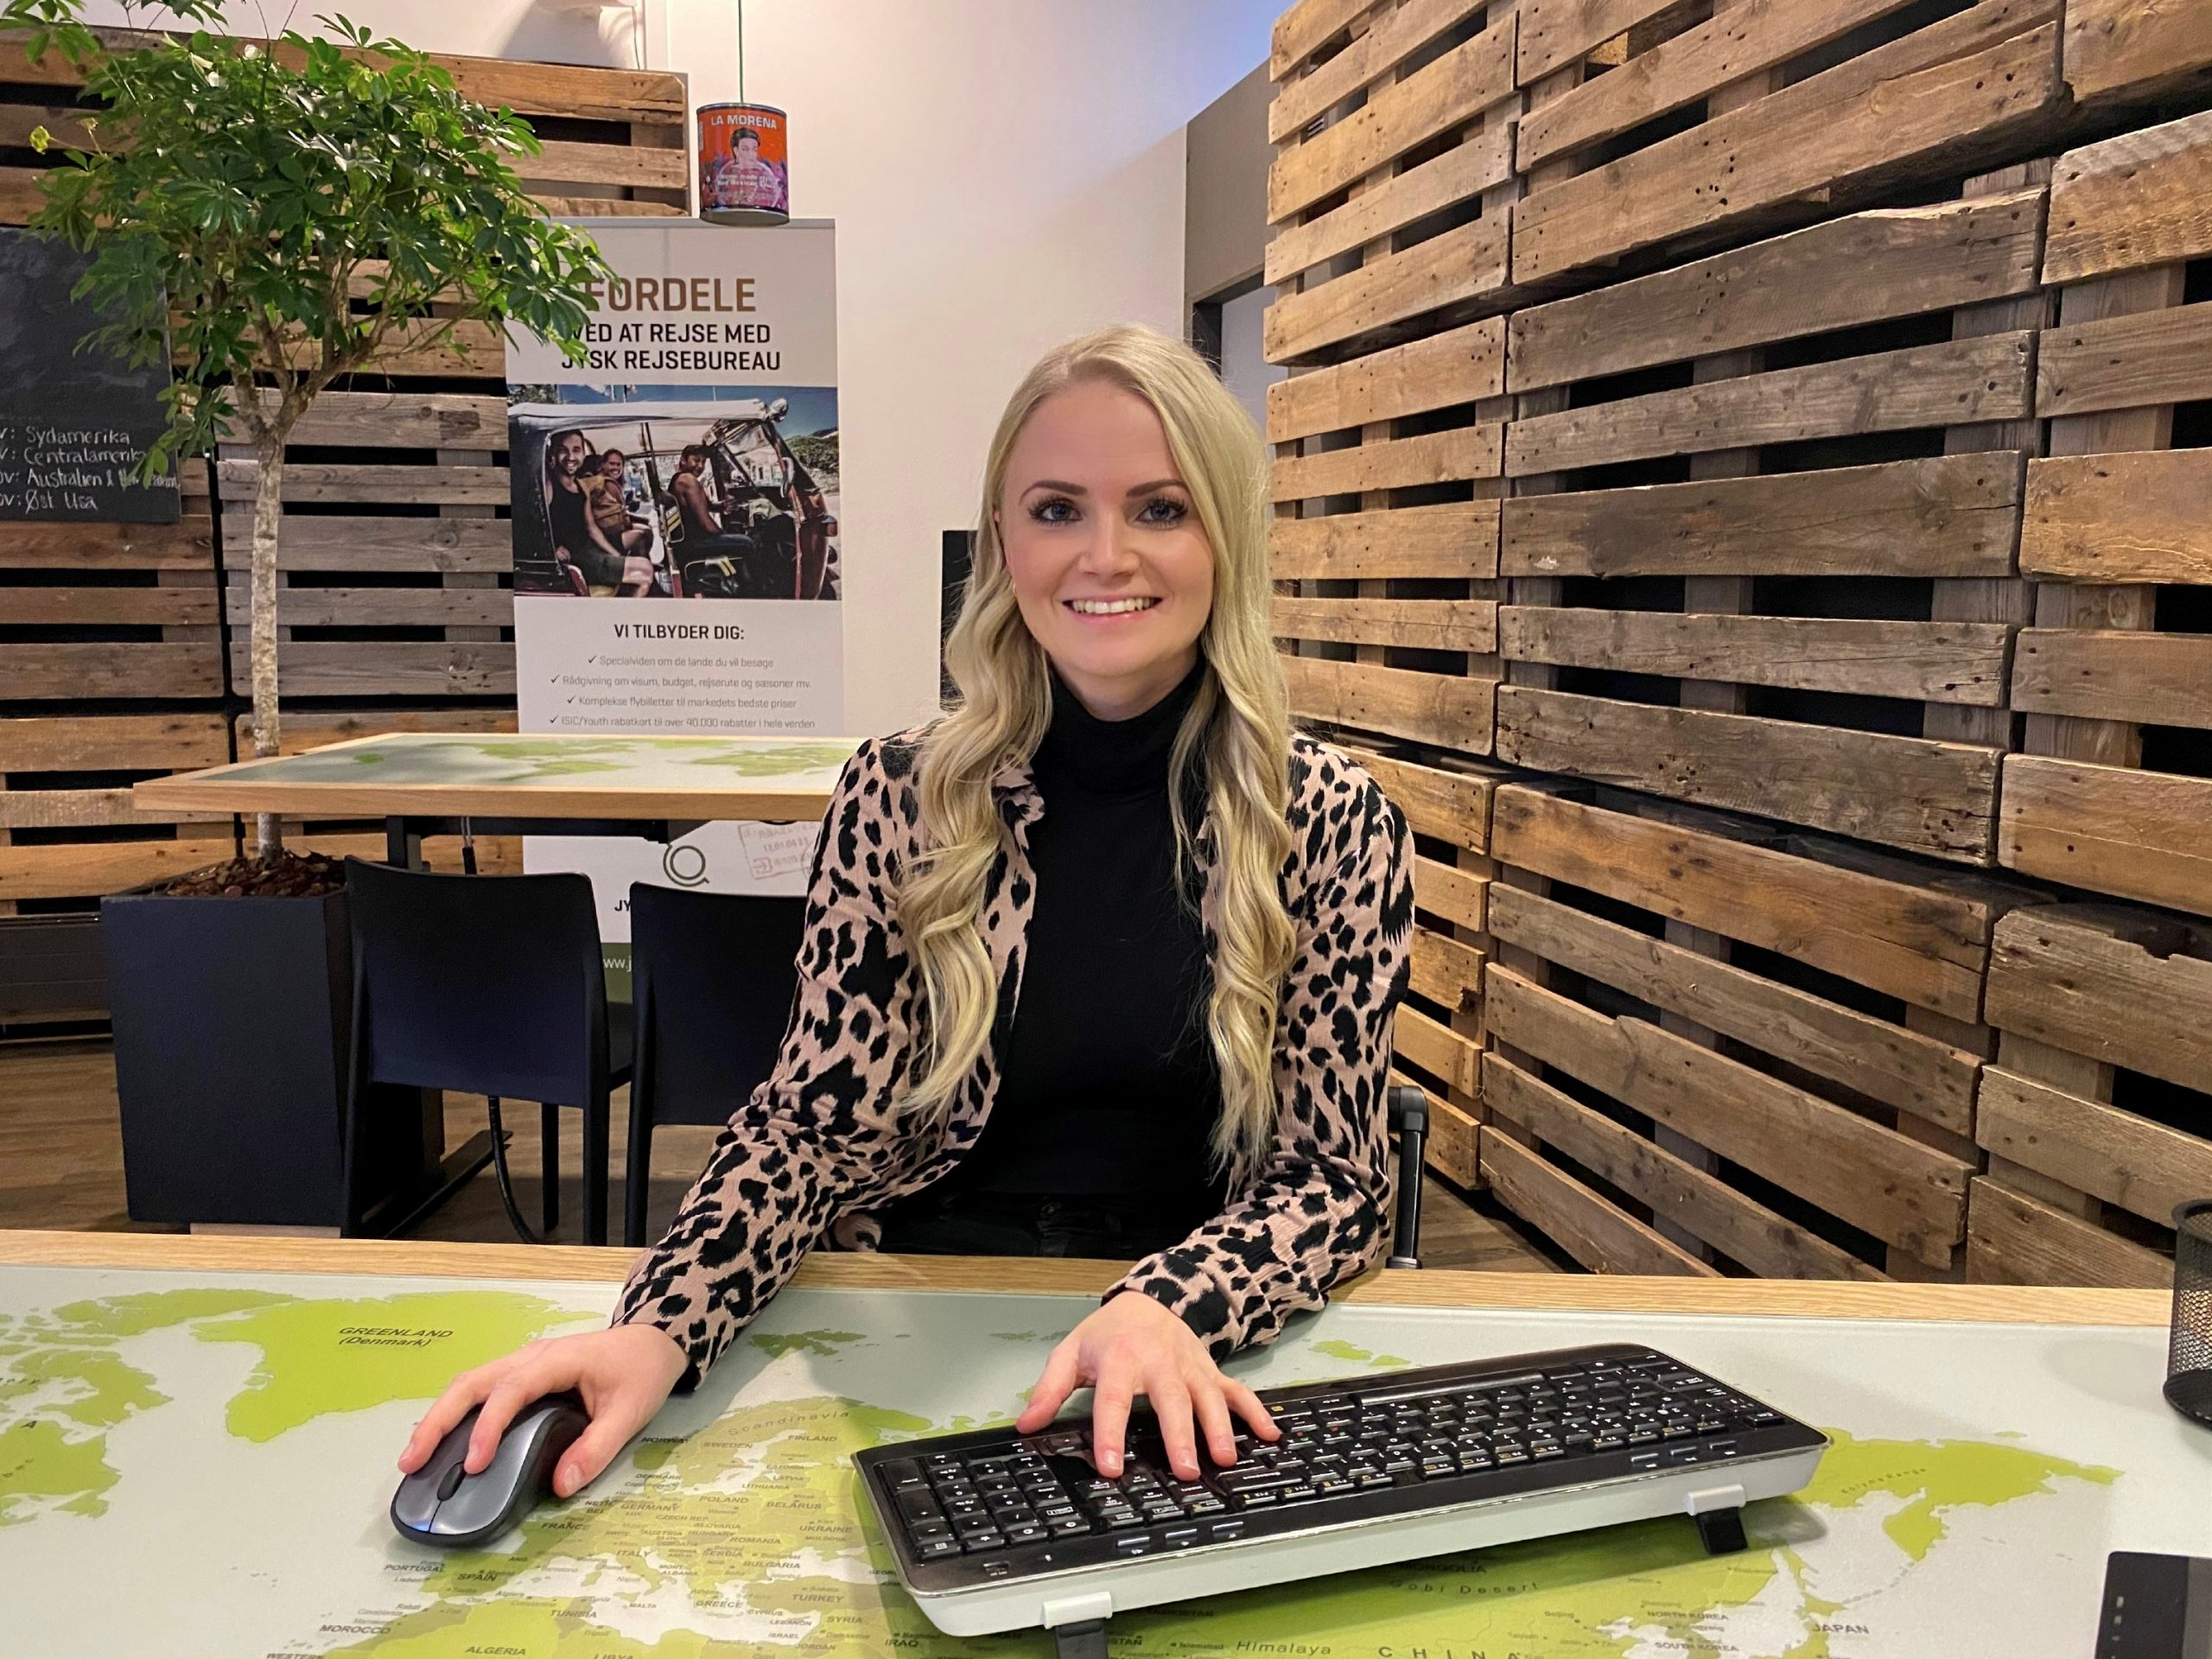 Søs Ravn Nielsen er én af de 14 medarbejdere fra Jysk Rejsebureau, der kombinerer arbejdsfordeling med online efteruddannelse i blandt andet oplevelsesøkonomi. Foto via Erhvervsakademi Dania.